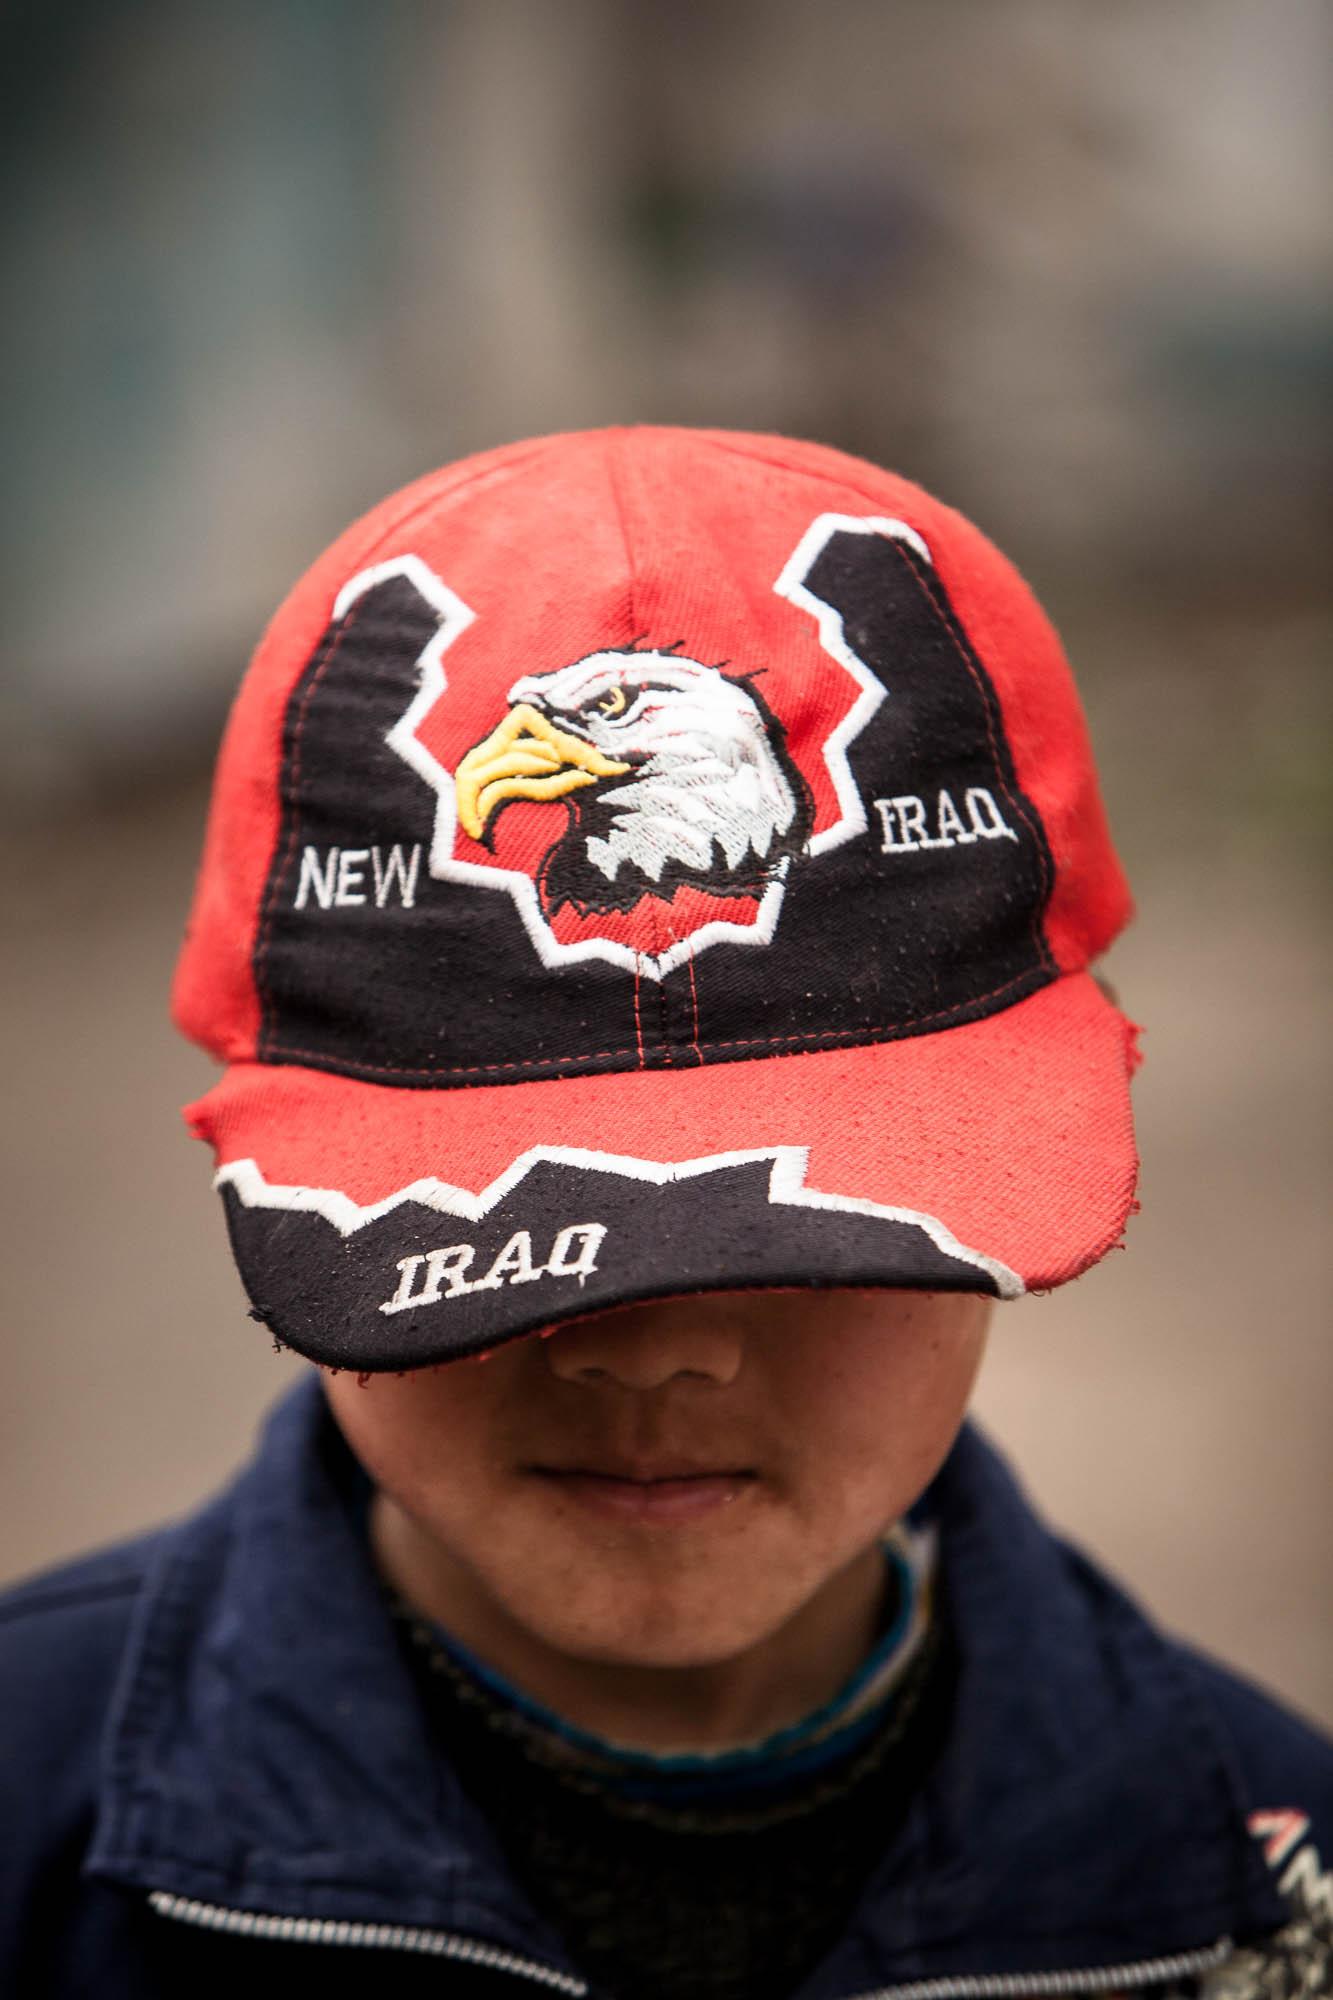 new iraq